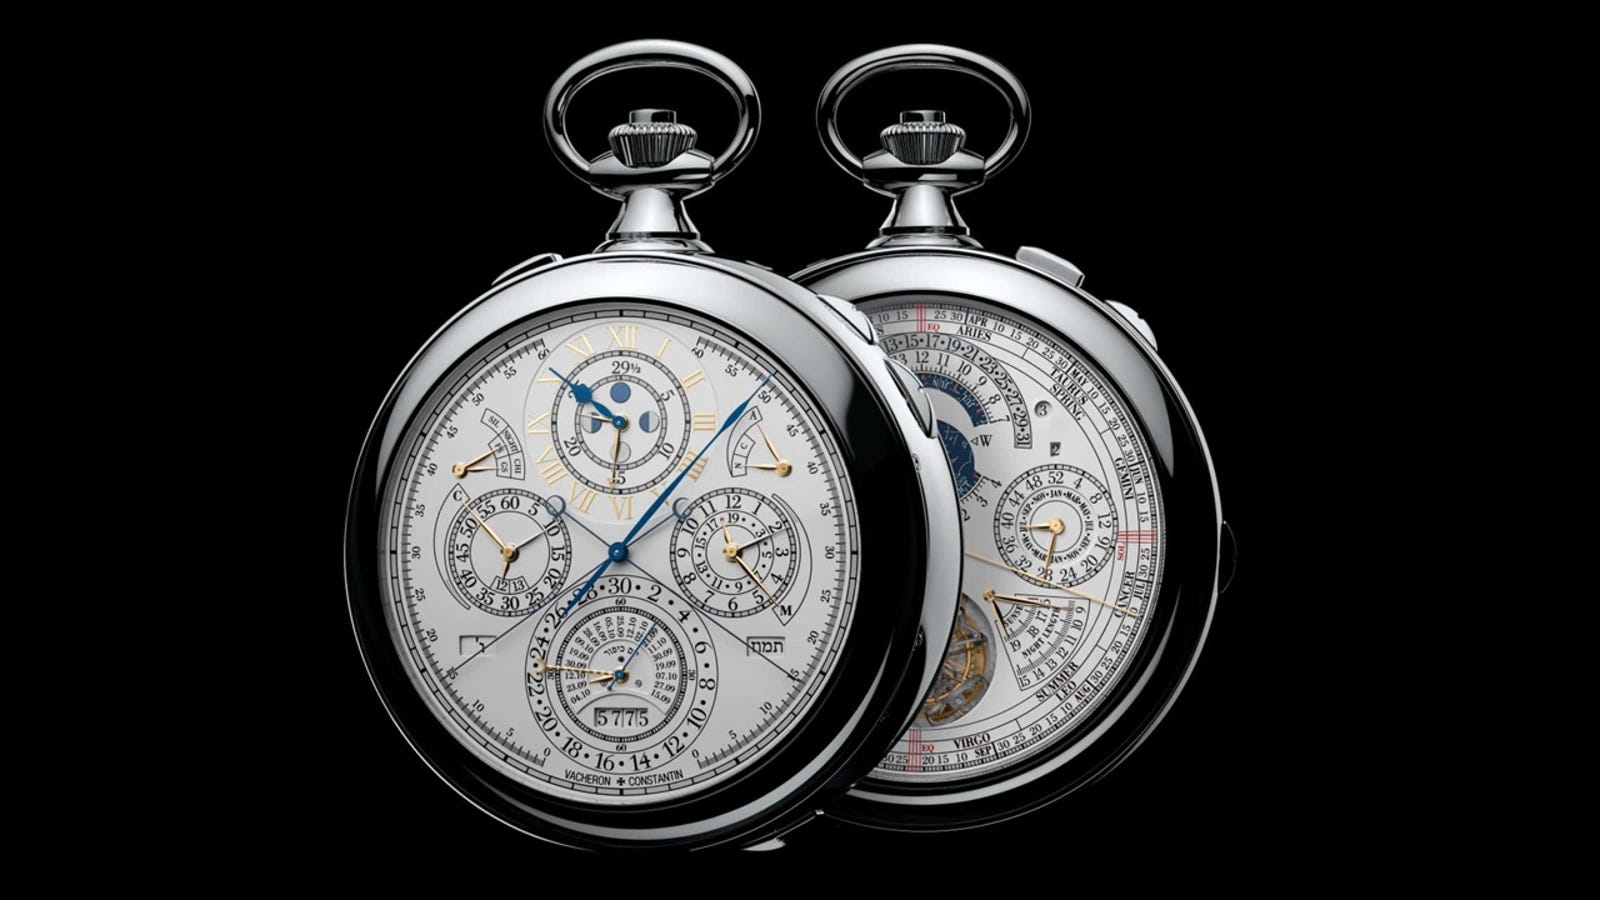 Este es el reloj más complejo del mundo. Llevó ocho años fabricarlo